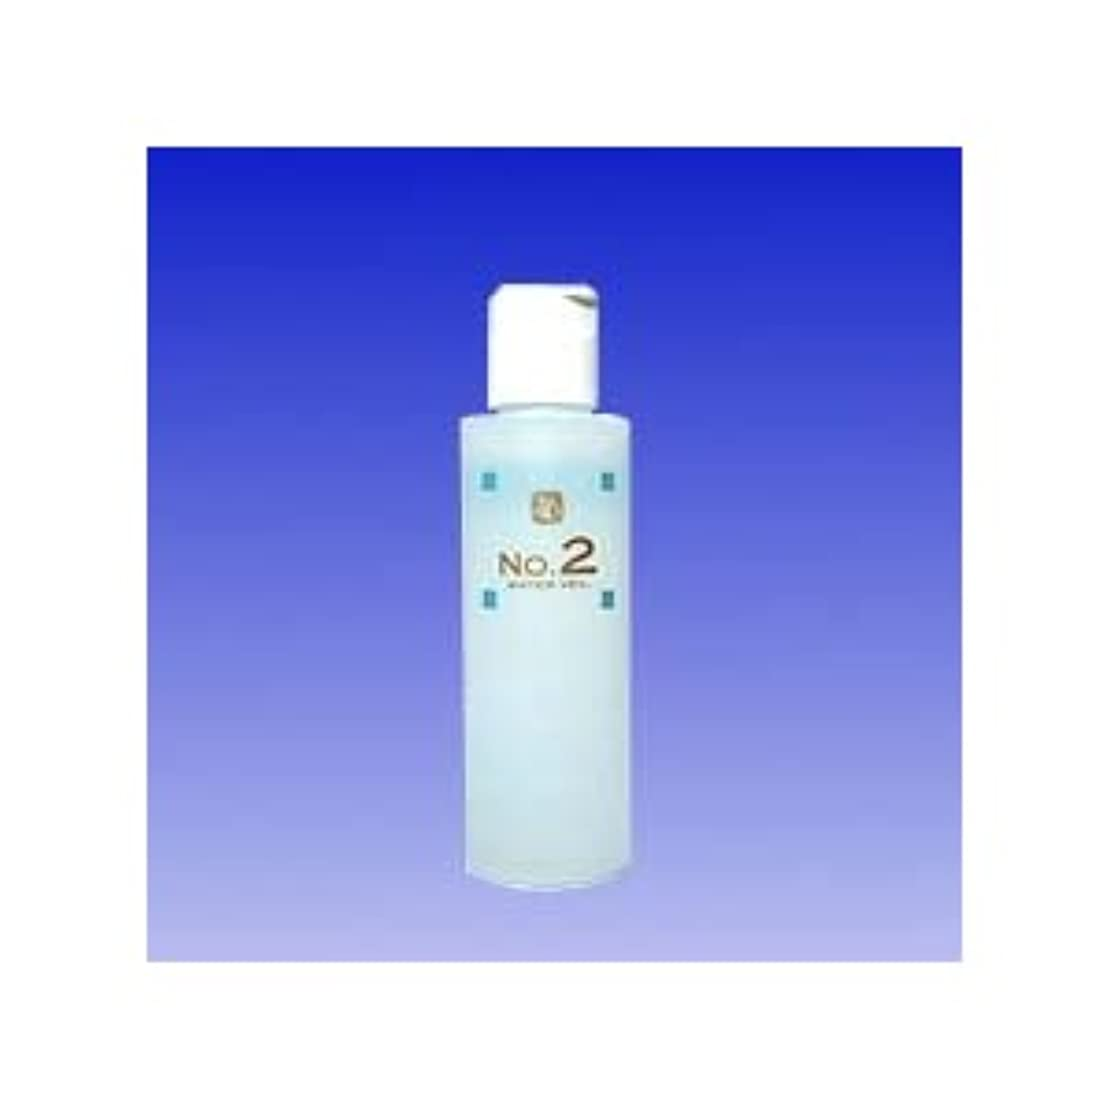 ブレース仲人王女顔を洗う水 ウォーターベールNO2 250ml